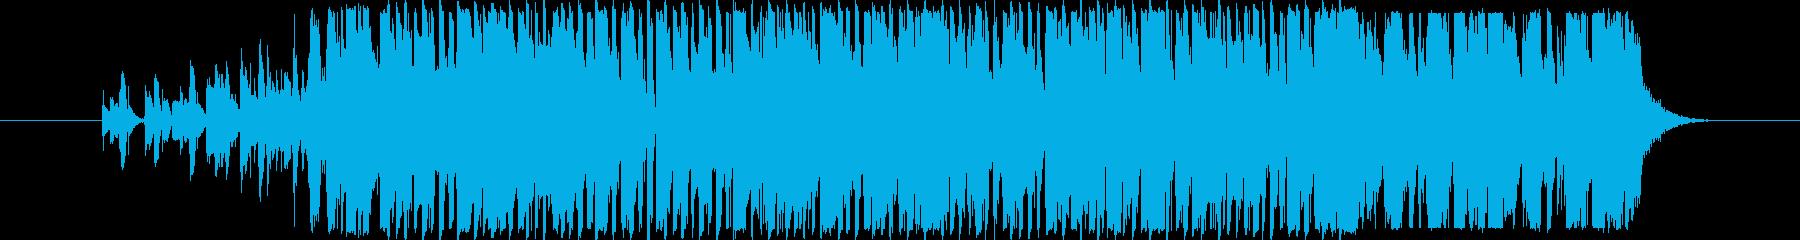 口whiや動物の音がする軽くて面白...の再生済みの波形